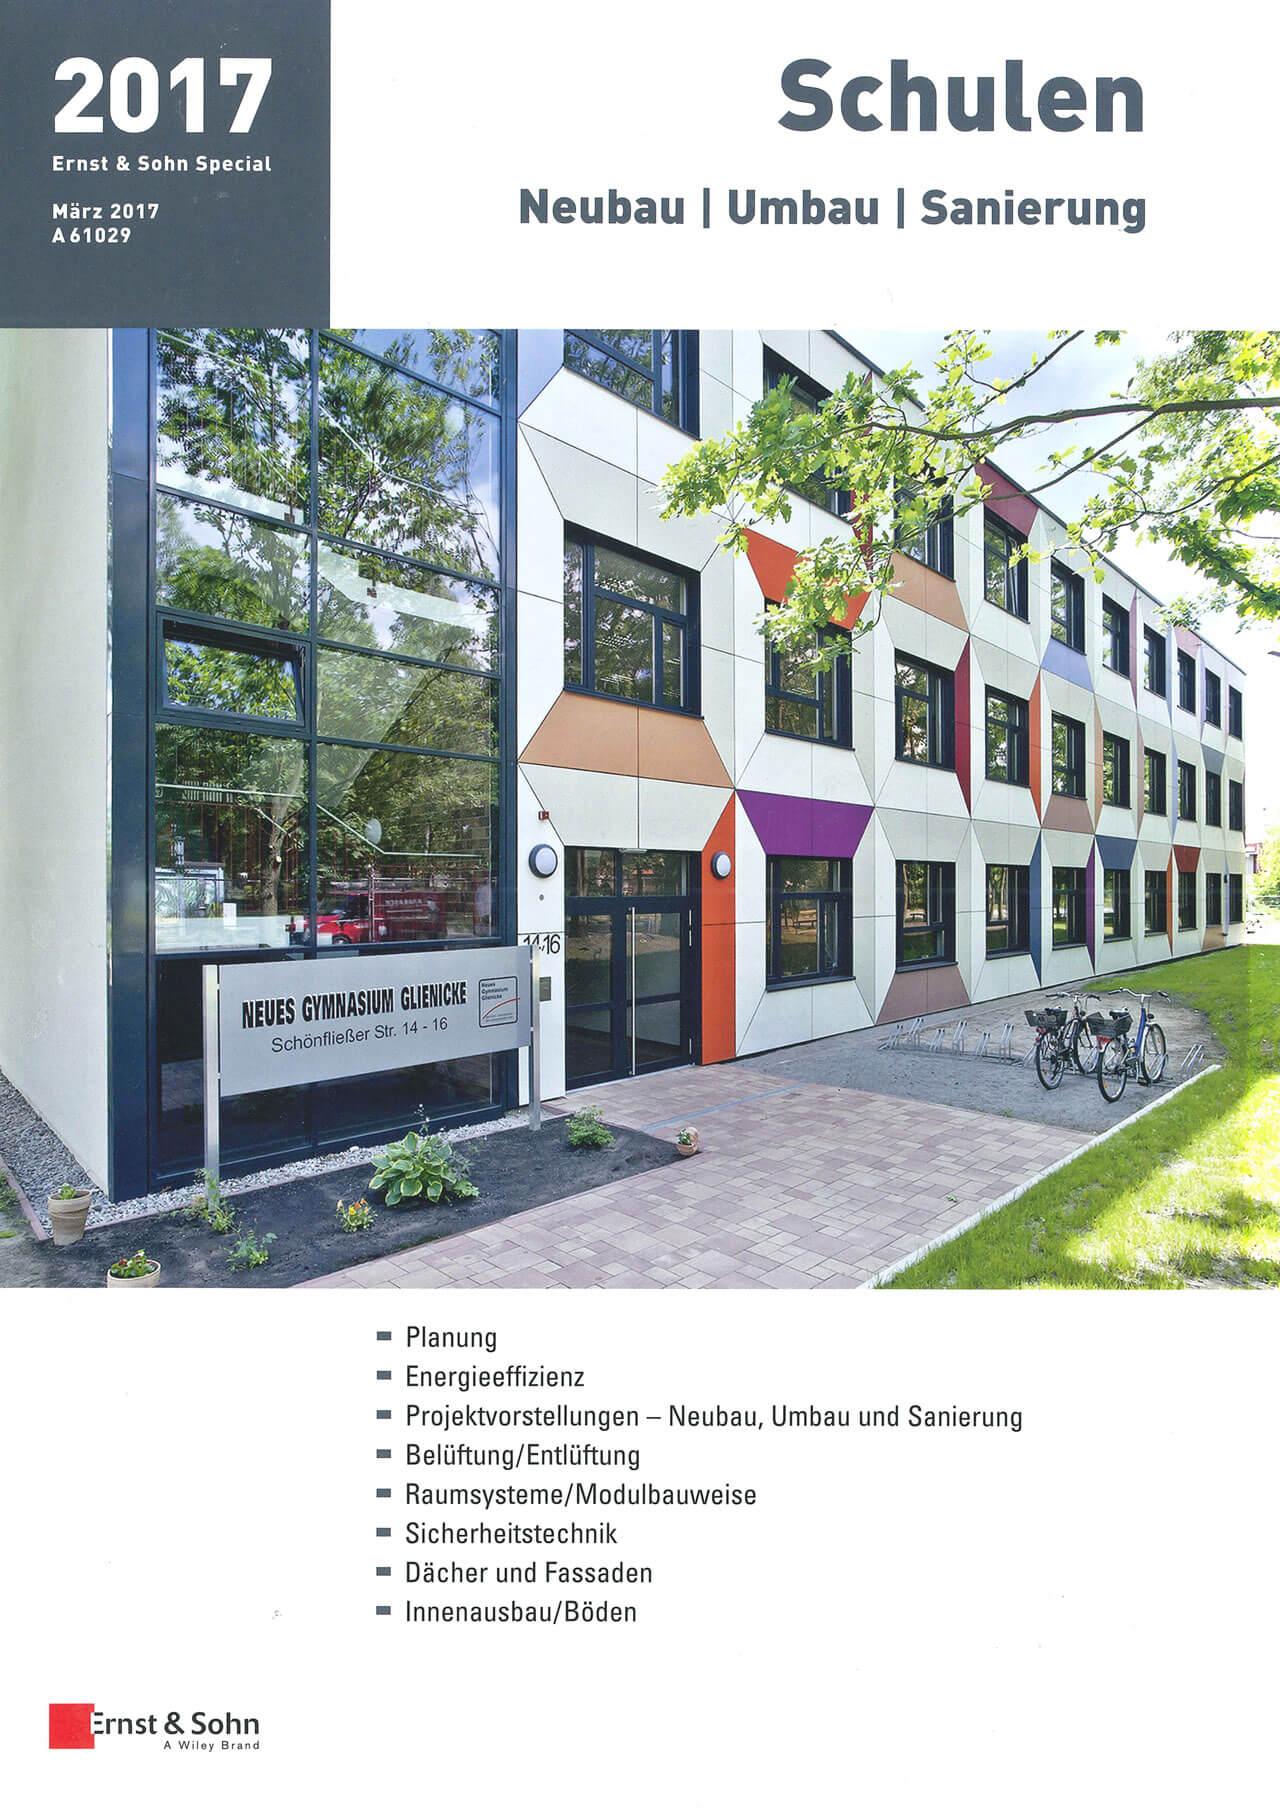 Schulen Neubau, Umbau, Sanierung